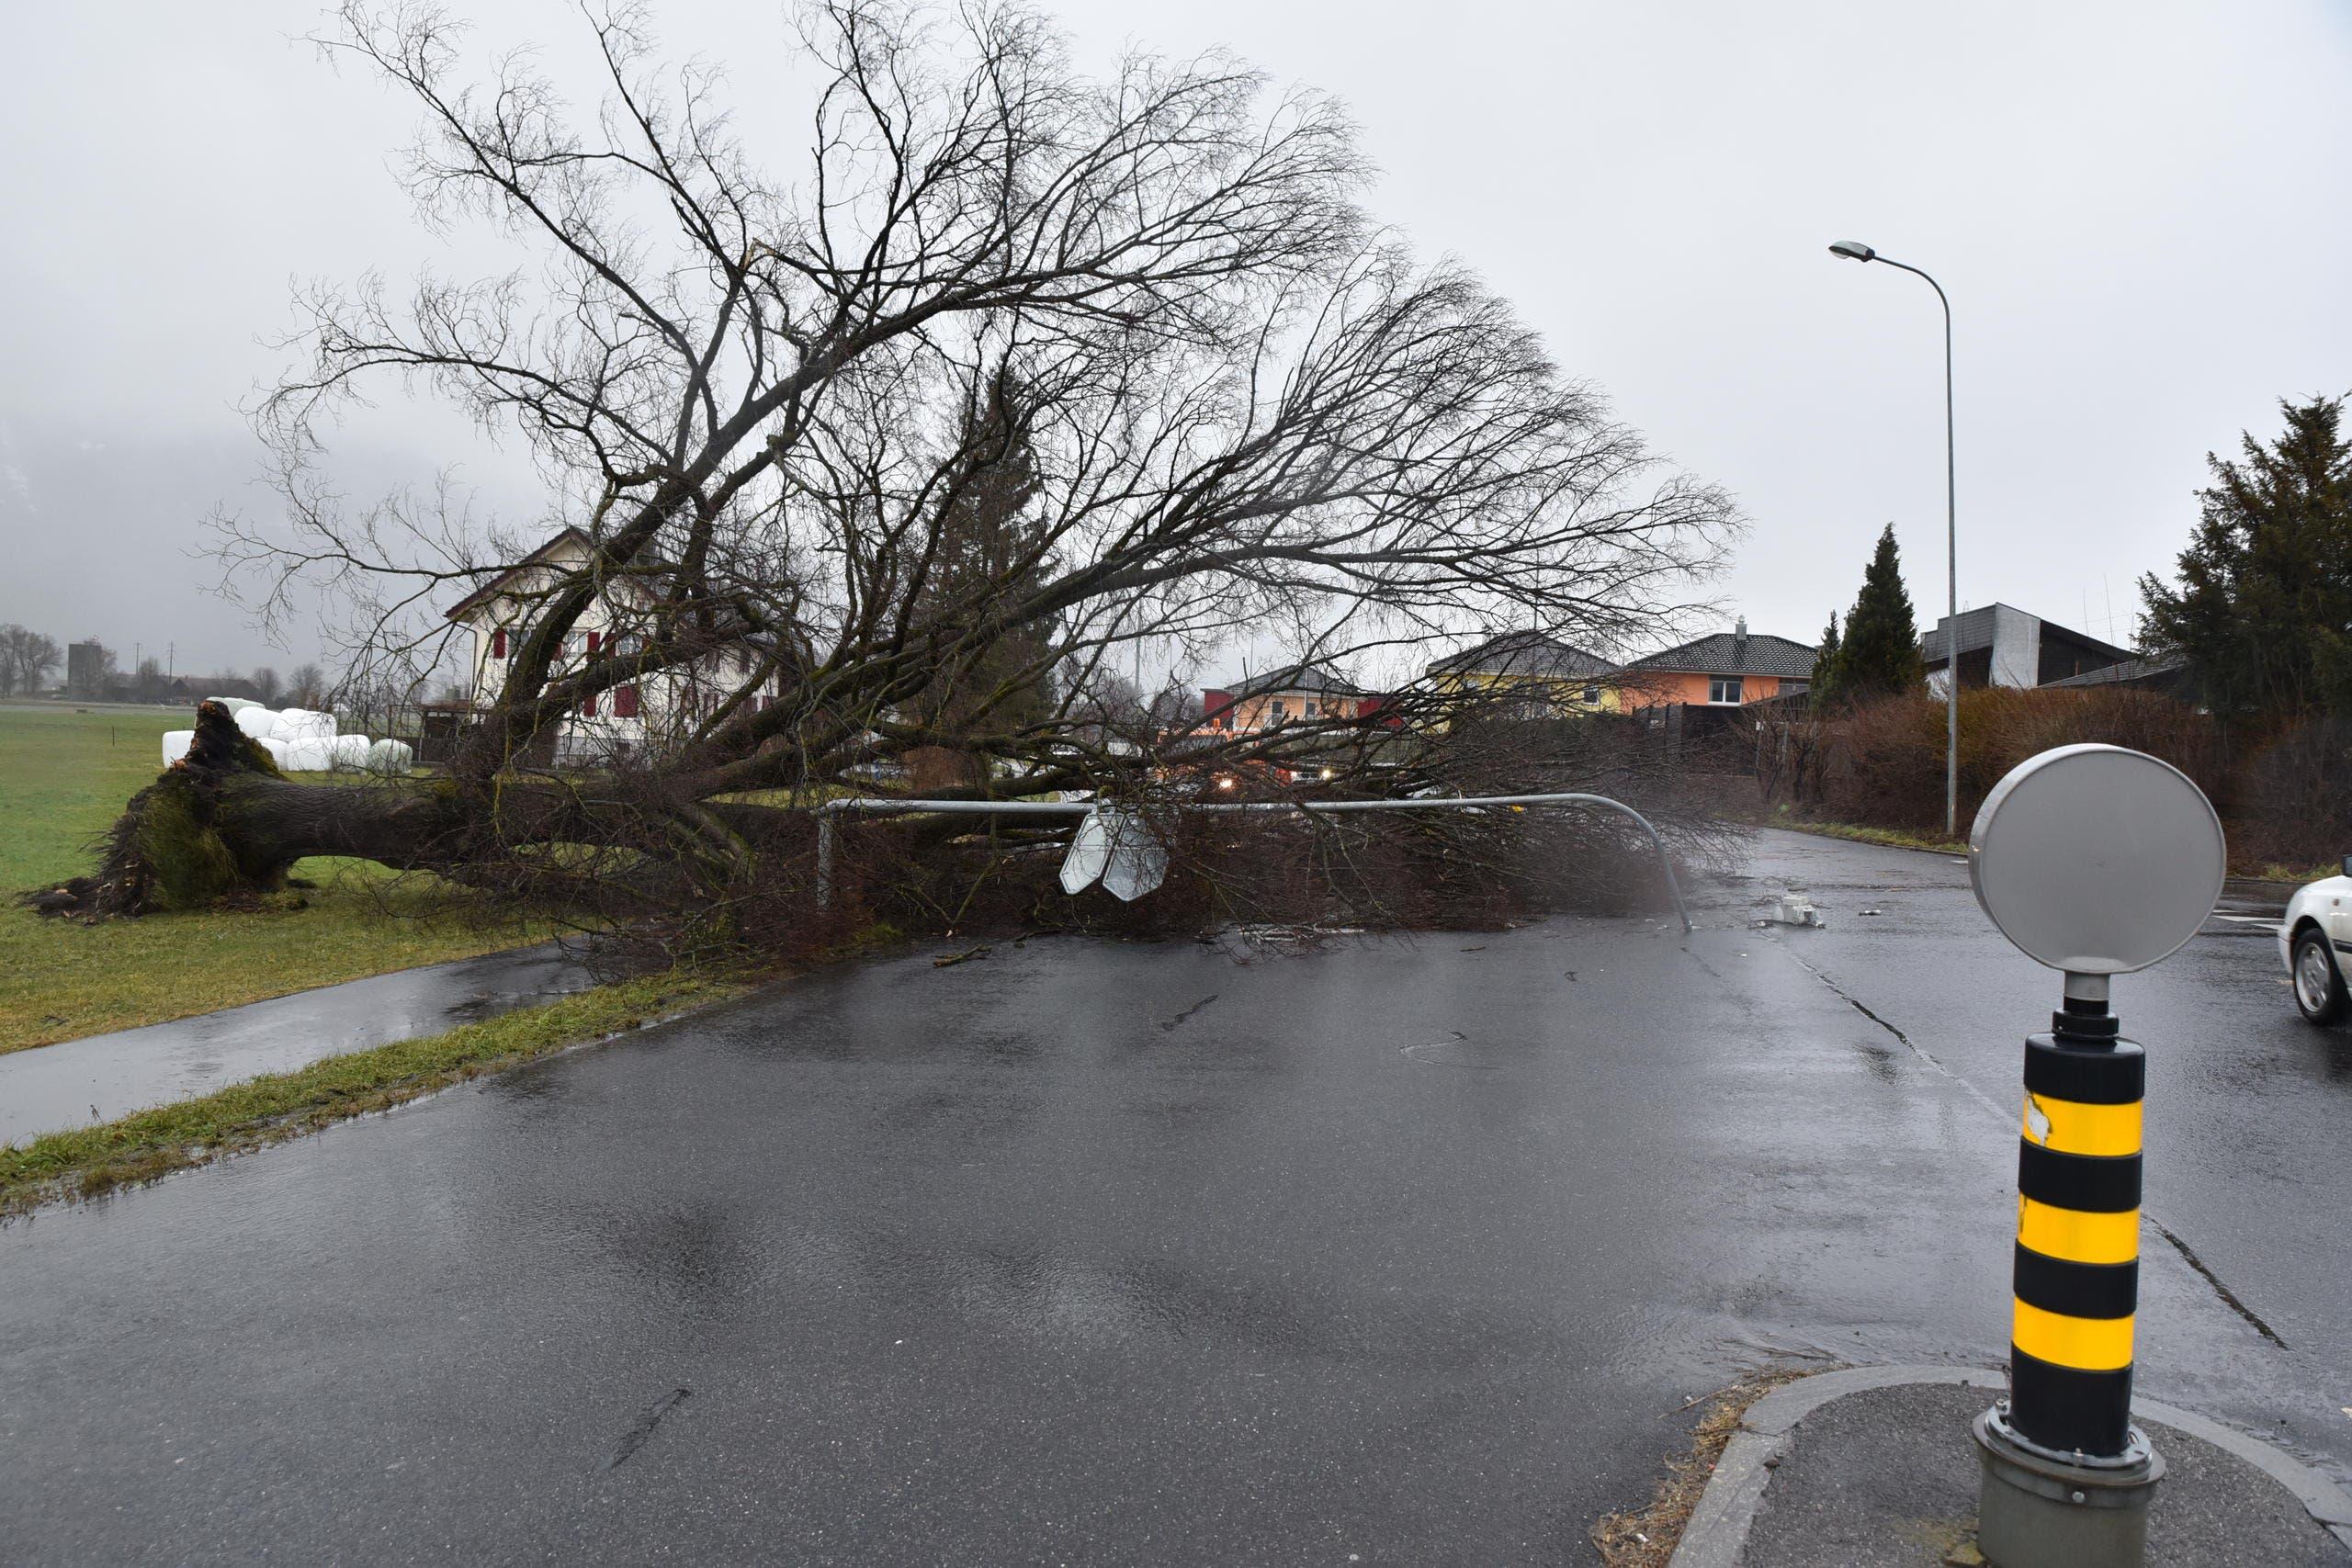 In Haag wurde ein grosser Baum entwurzelt. Er riss eine Laterne samt Strassenschildern mit sich und landete auf der Kantonsstrasse. Eine Fahrspur blieb trotzdem frei, so dass der Verkehr bis zu den Bergungsarbeiten langsam passieren konnte. (Bild: Heini Schwendener)